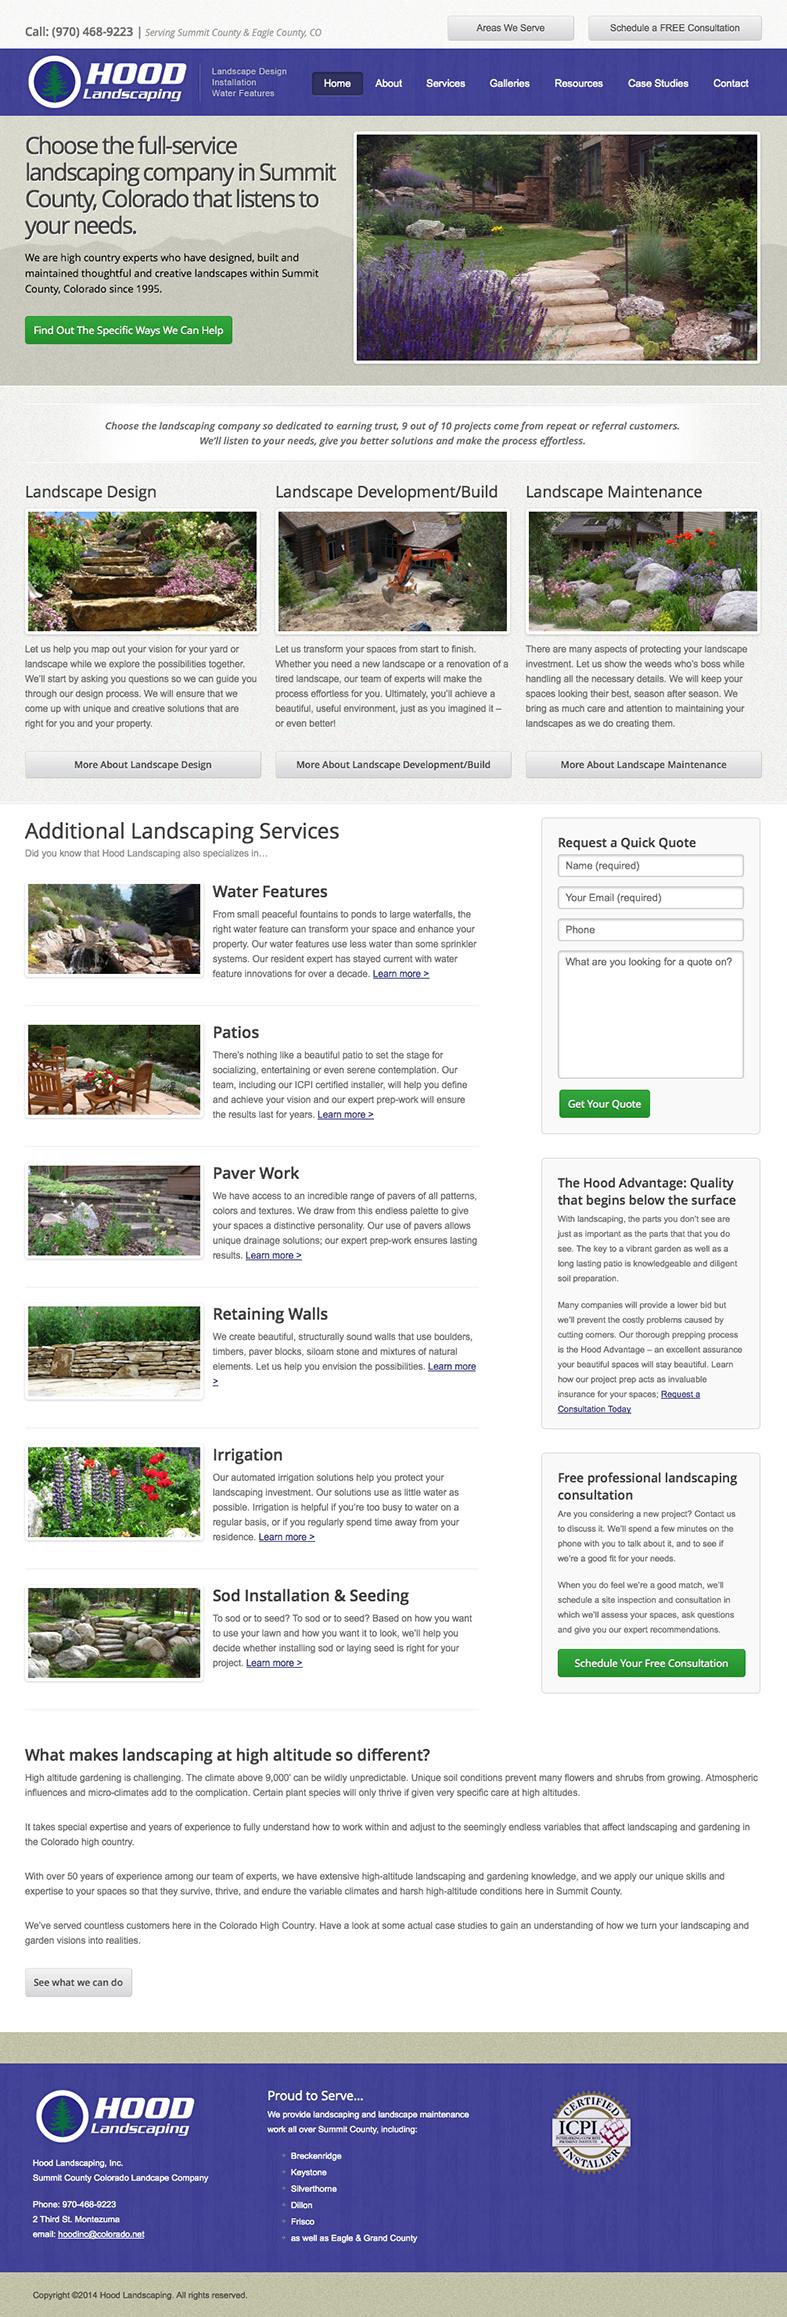 Hood Landscaping Homepage